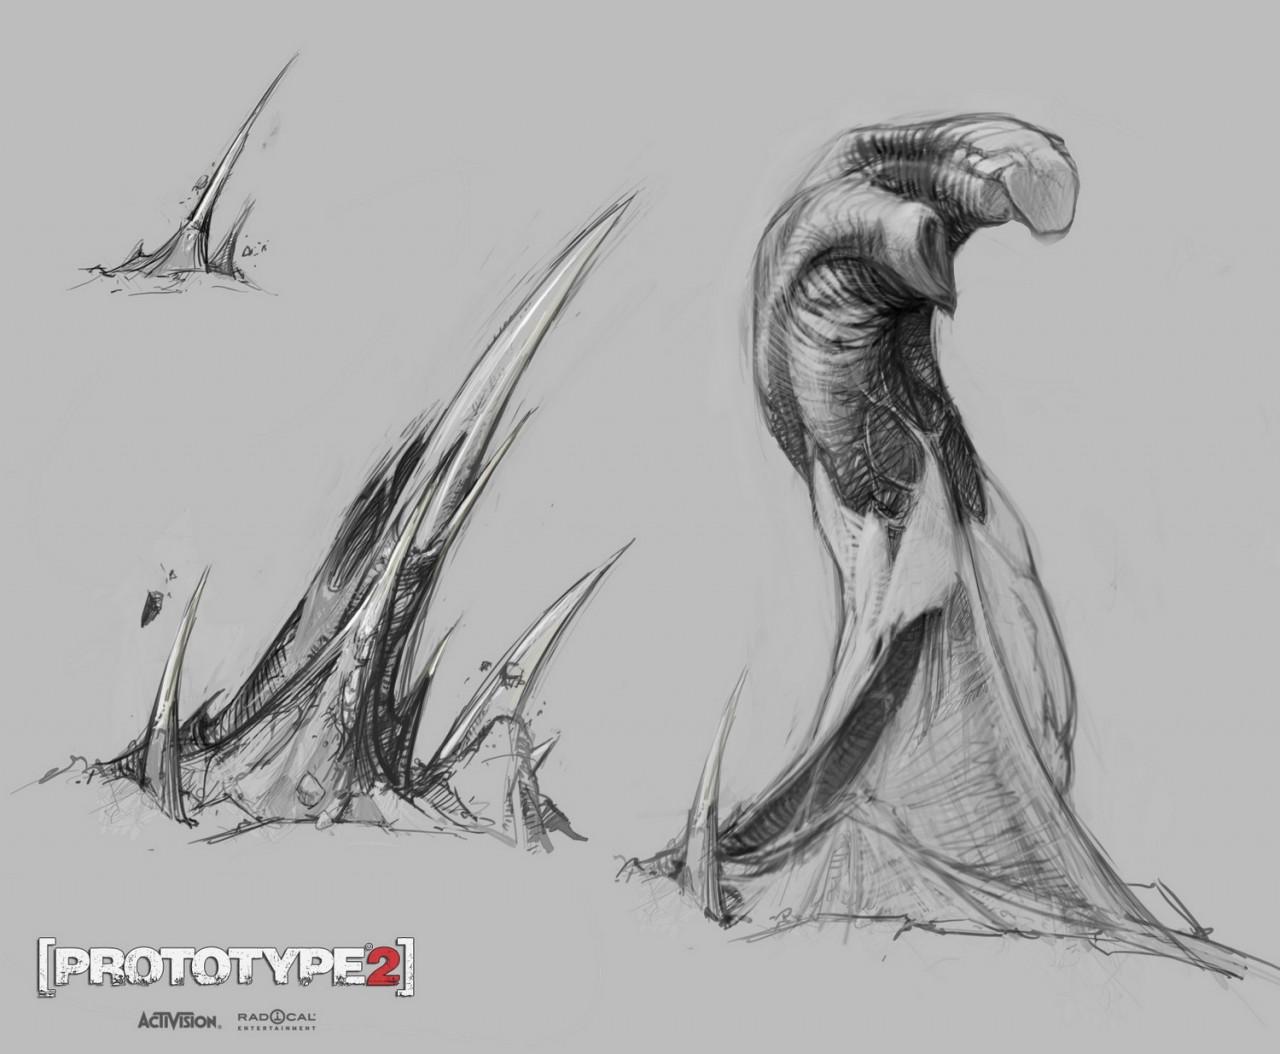 Artworks Prototype 2